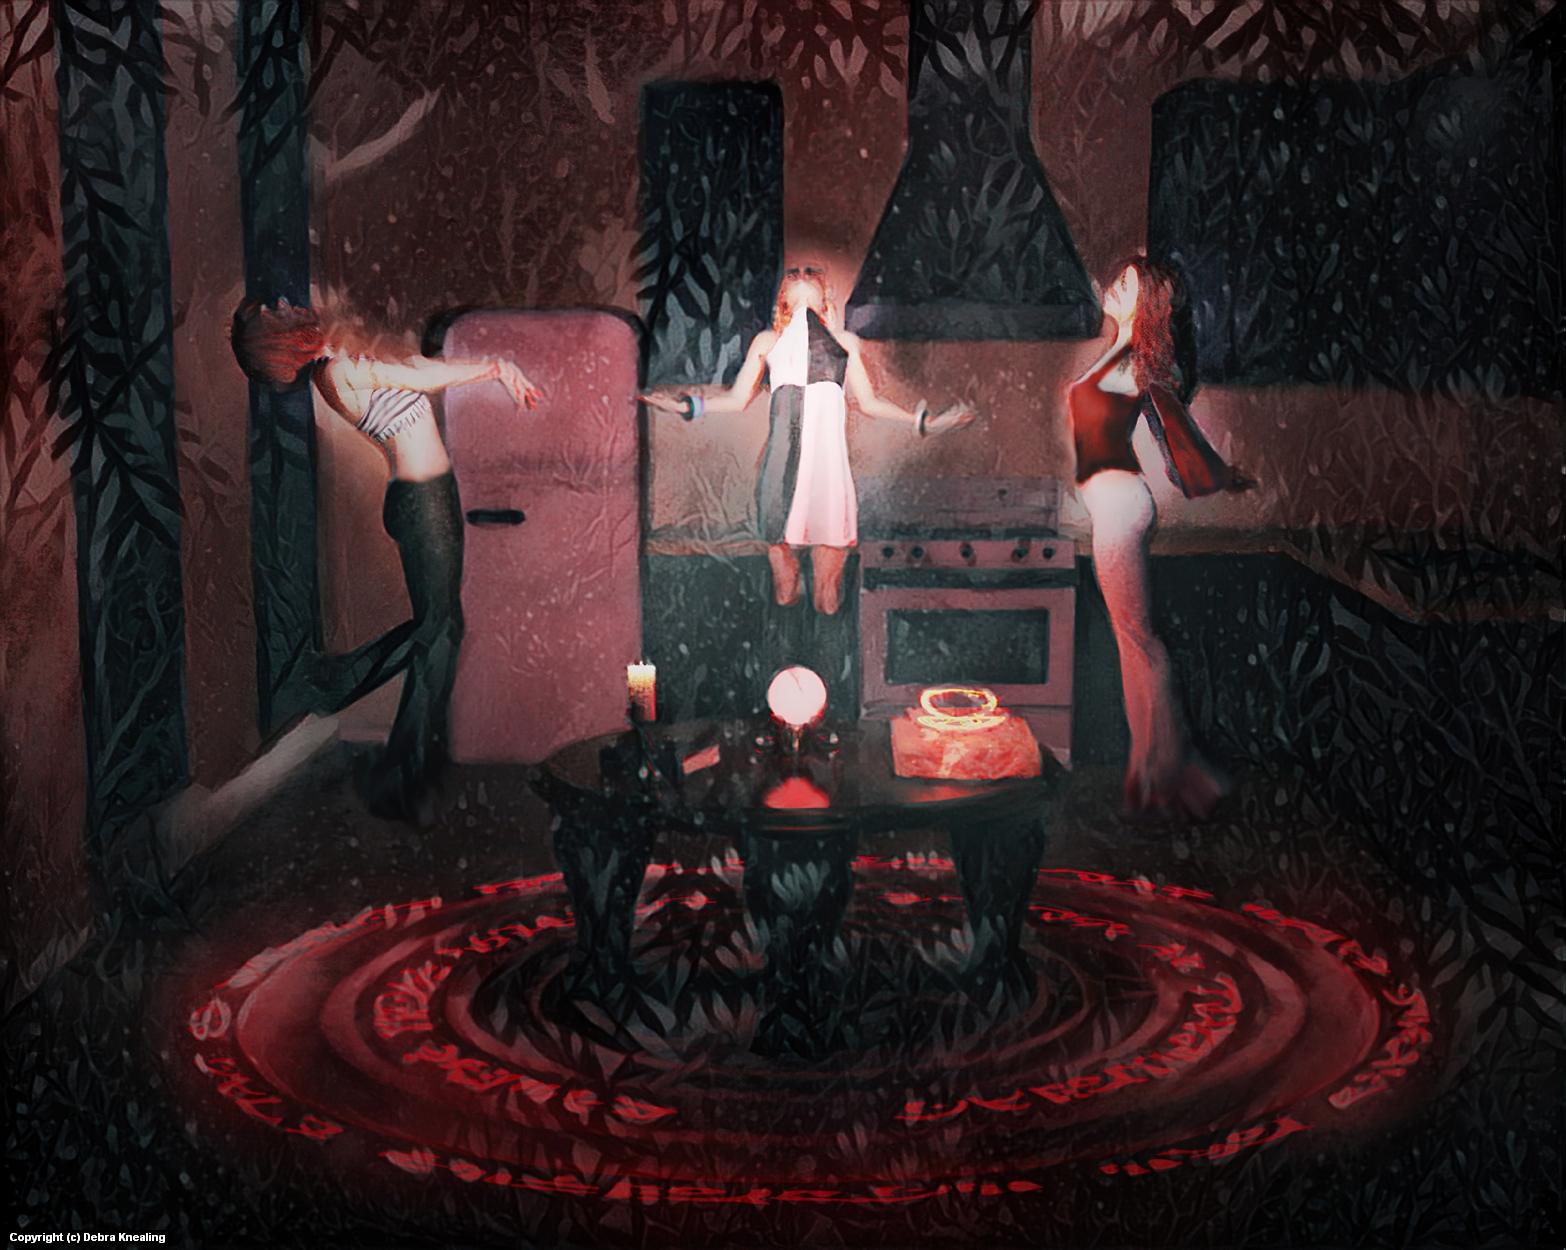 Kitchen Witches Artwork by Debra Knealing